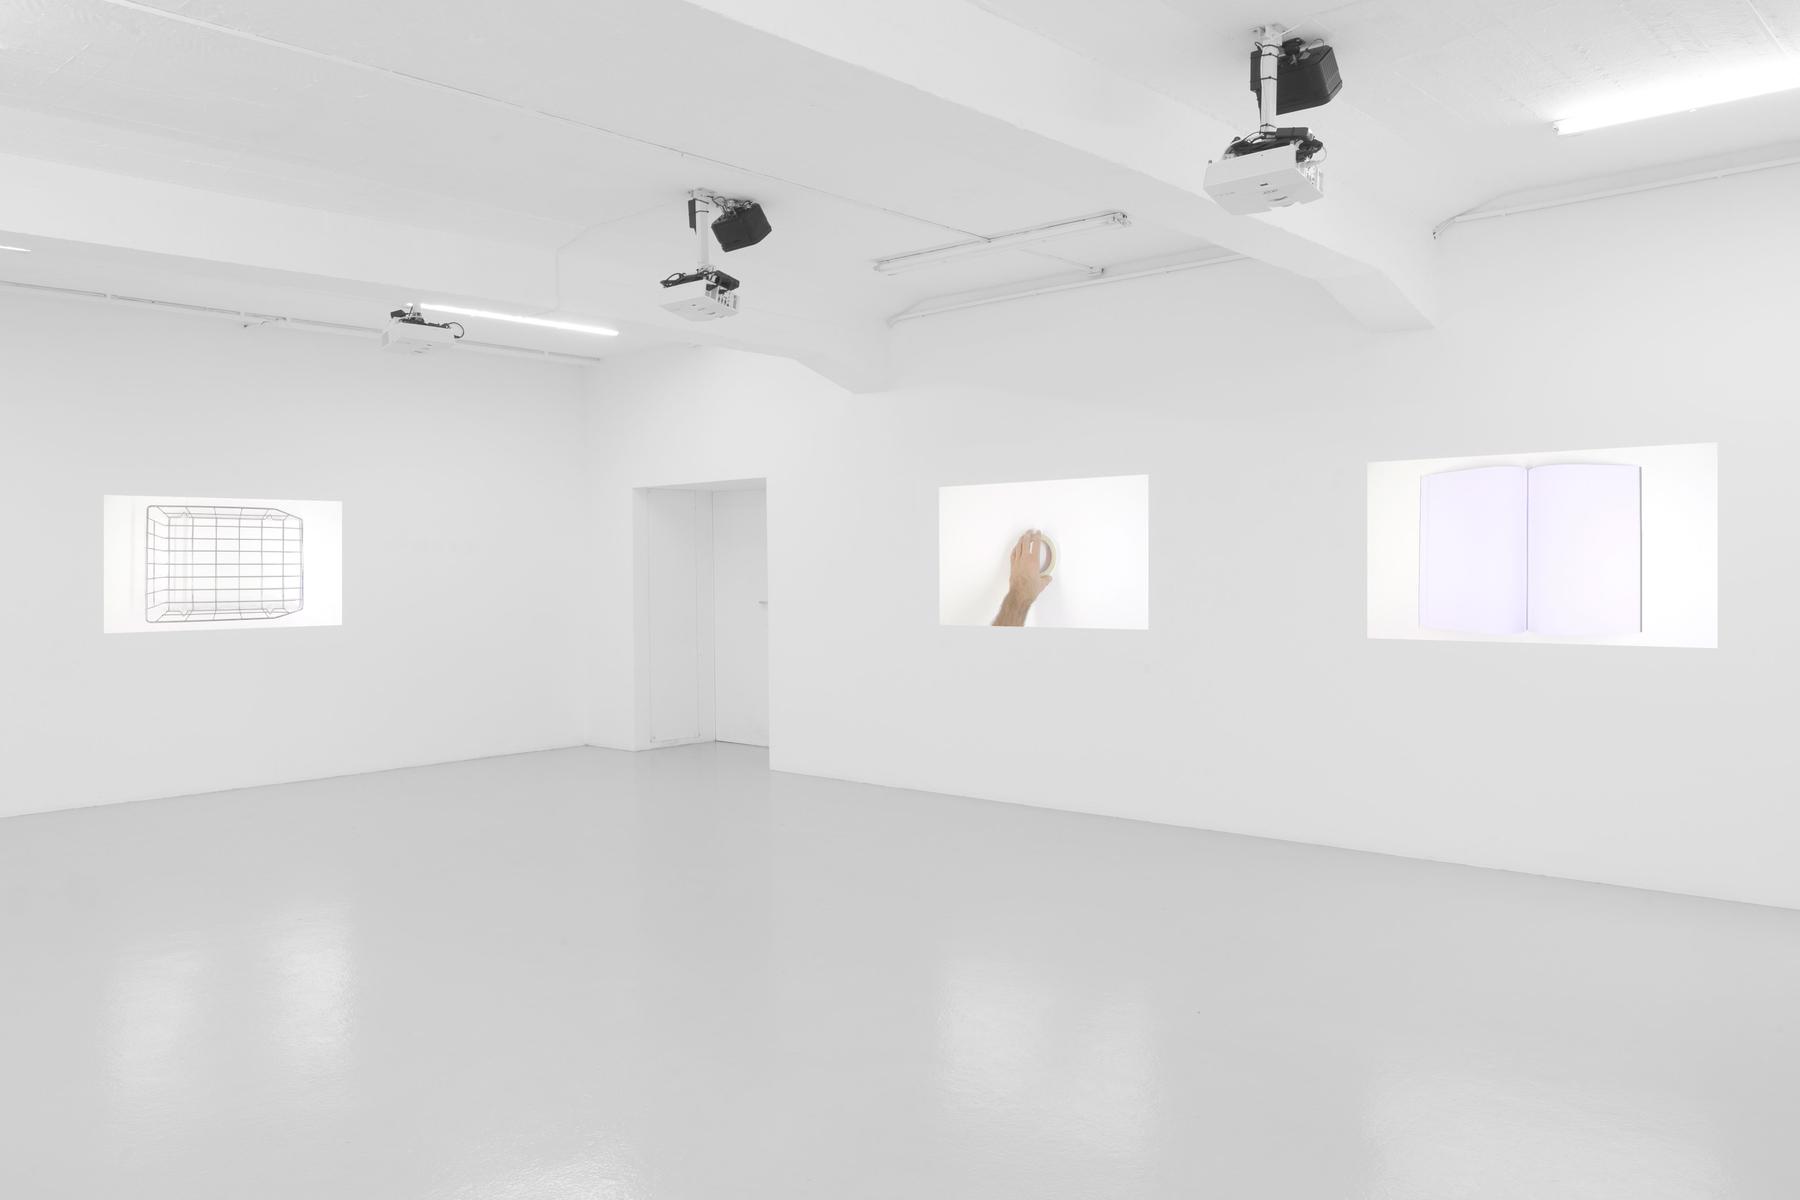 Franziska-von-den-Driesch_Tobias-Heine_Künstlerhaus-am-Deich_040